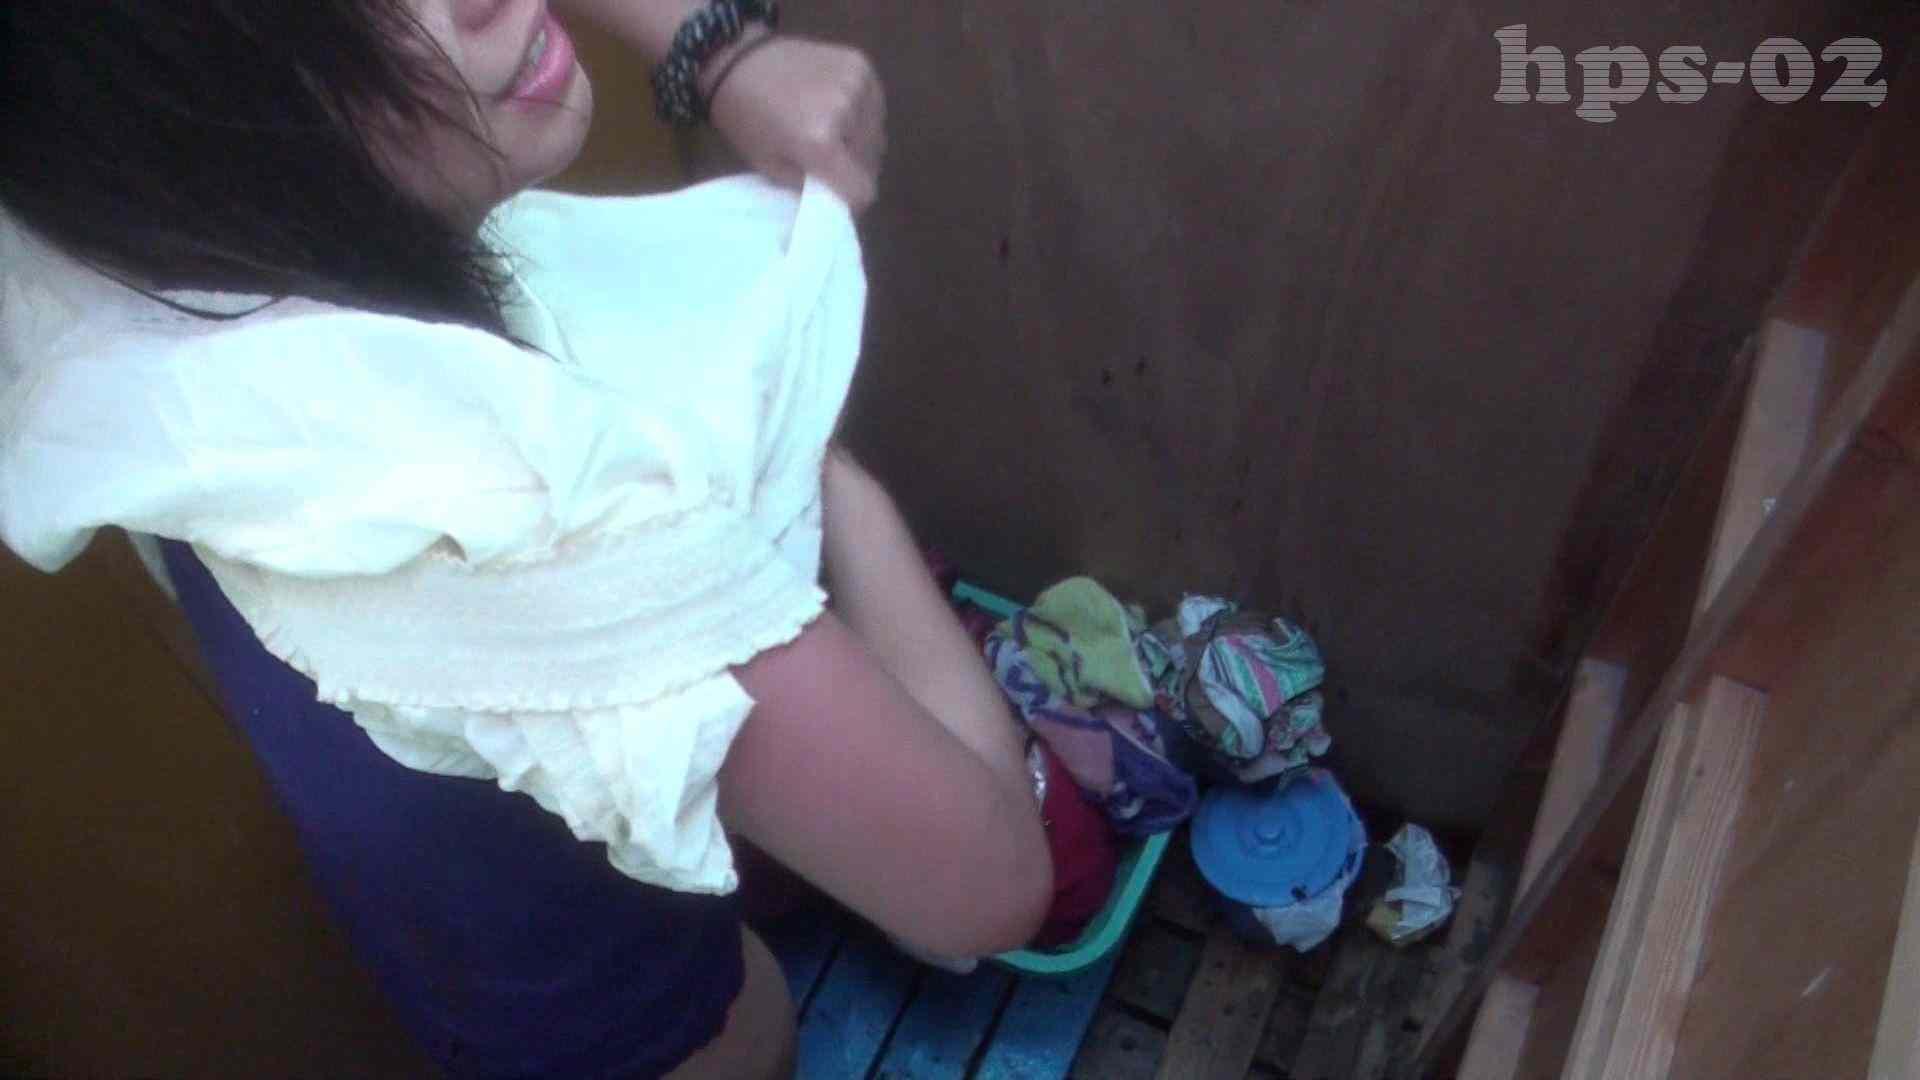 シャワールームは超!!危険な香りVol.2 カメラに目線をやるのですがまったく気が付きません。 OLヌード天国  84PIX 75